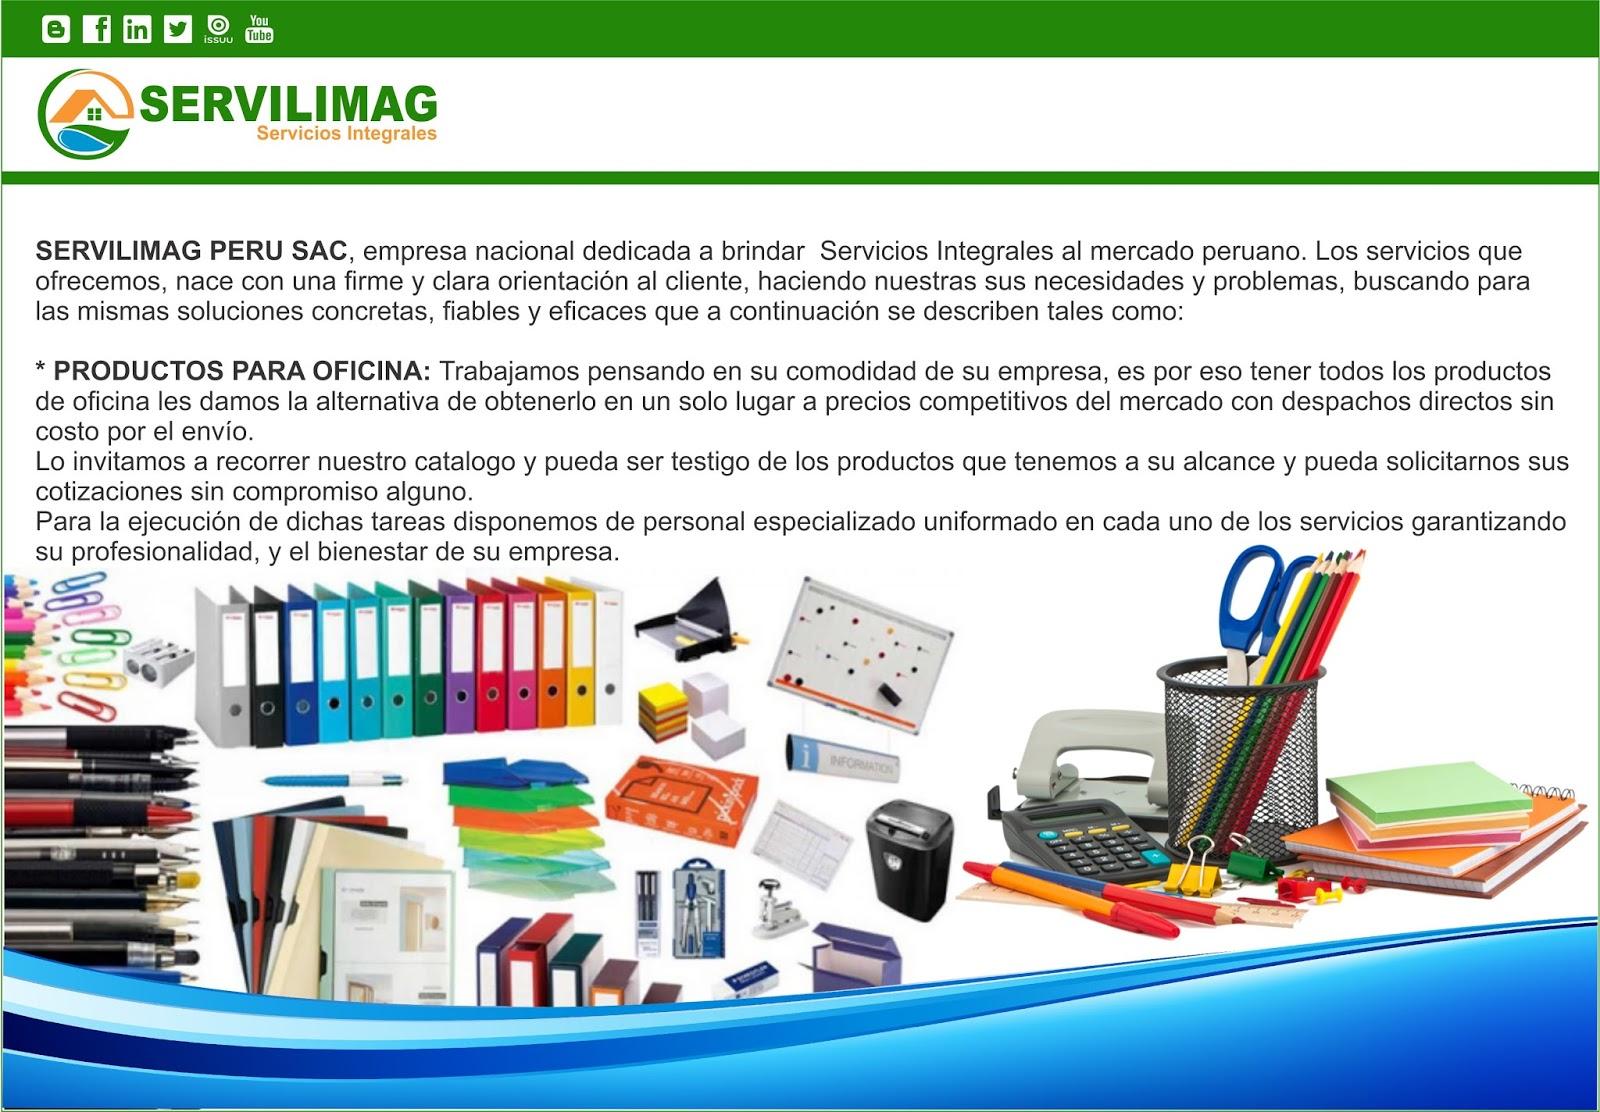 Servilimag sac venta productos de oficina for Productos de oficina